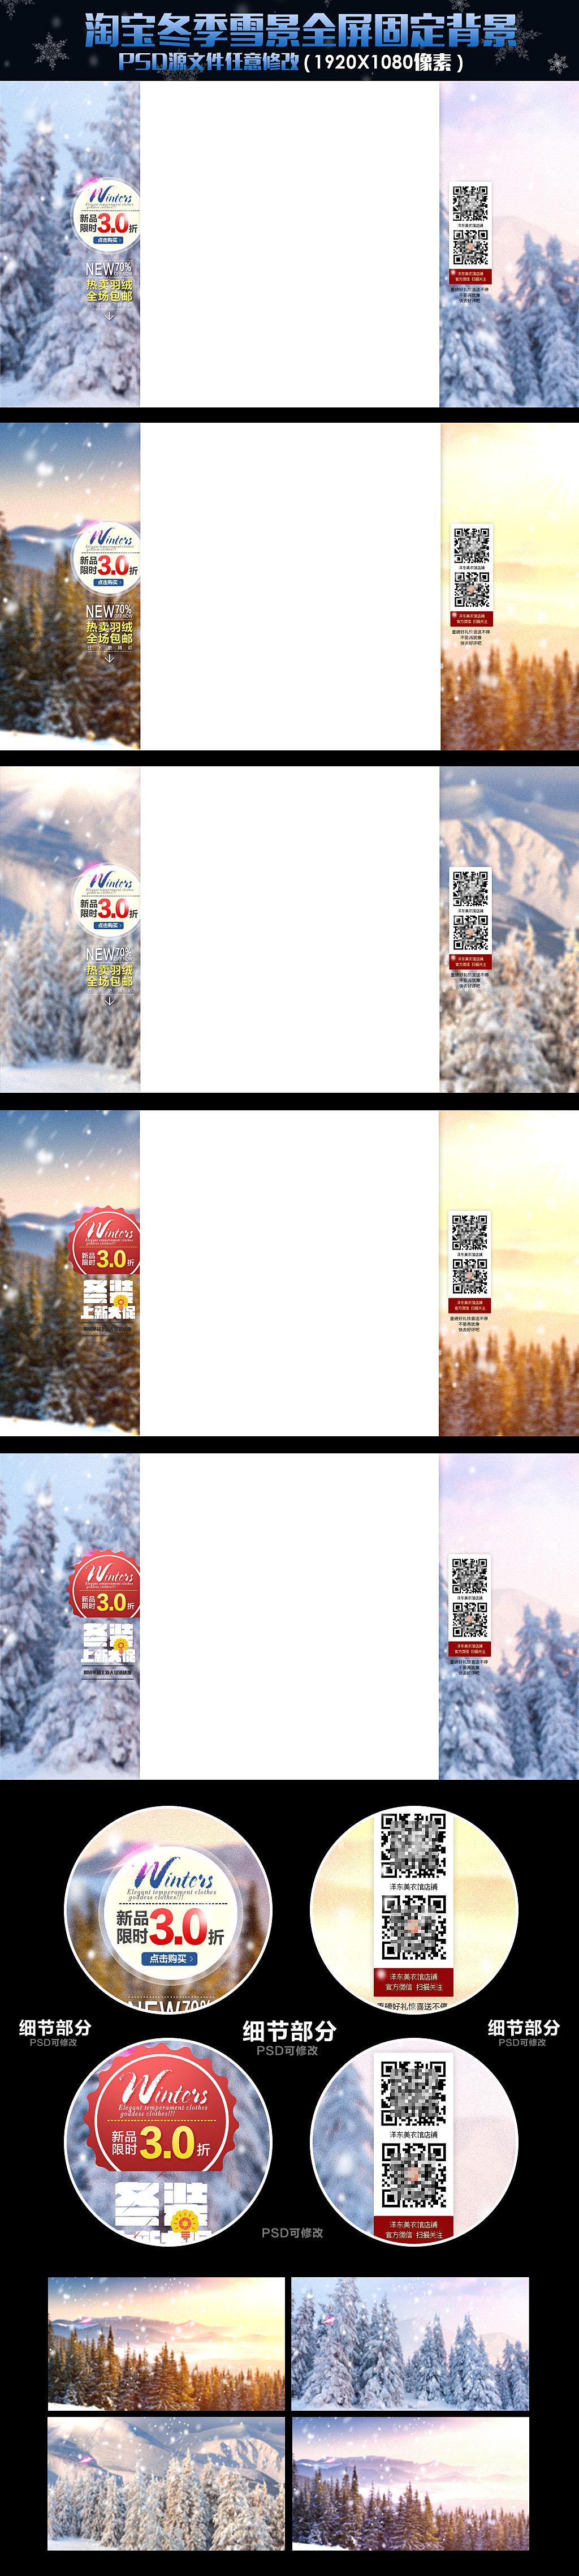 店铺背景源文件图片下载 唯美冬季固定背景模板 淘宝天猫冬季上新固定